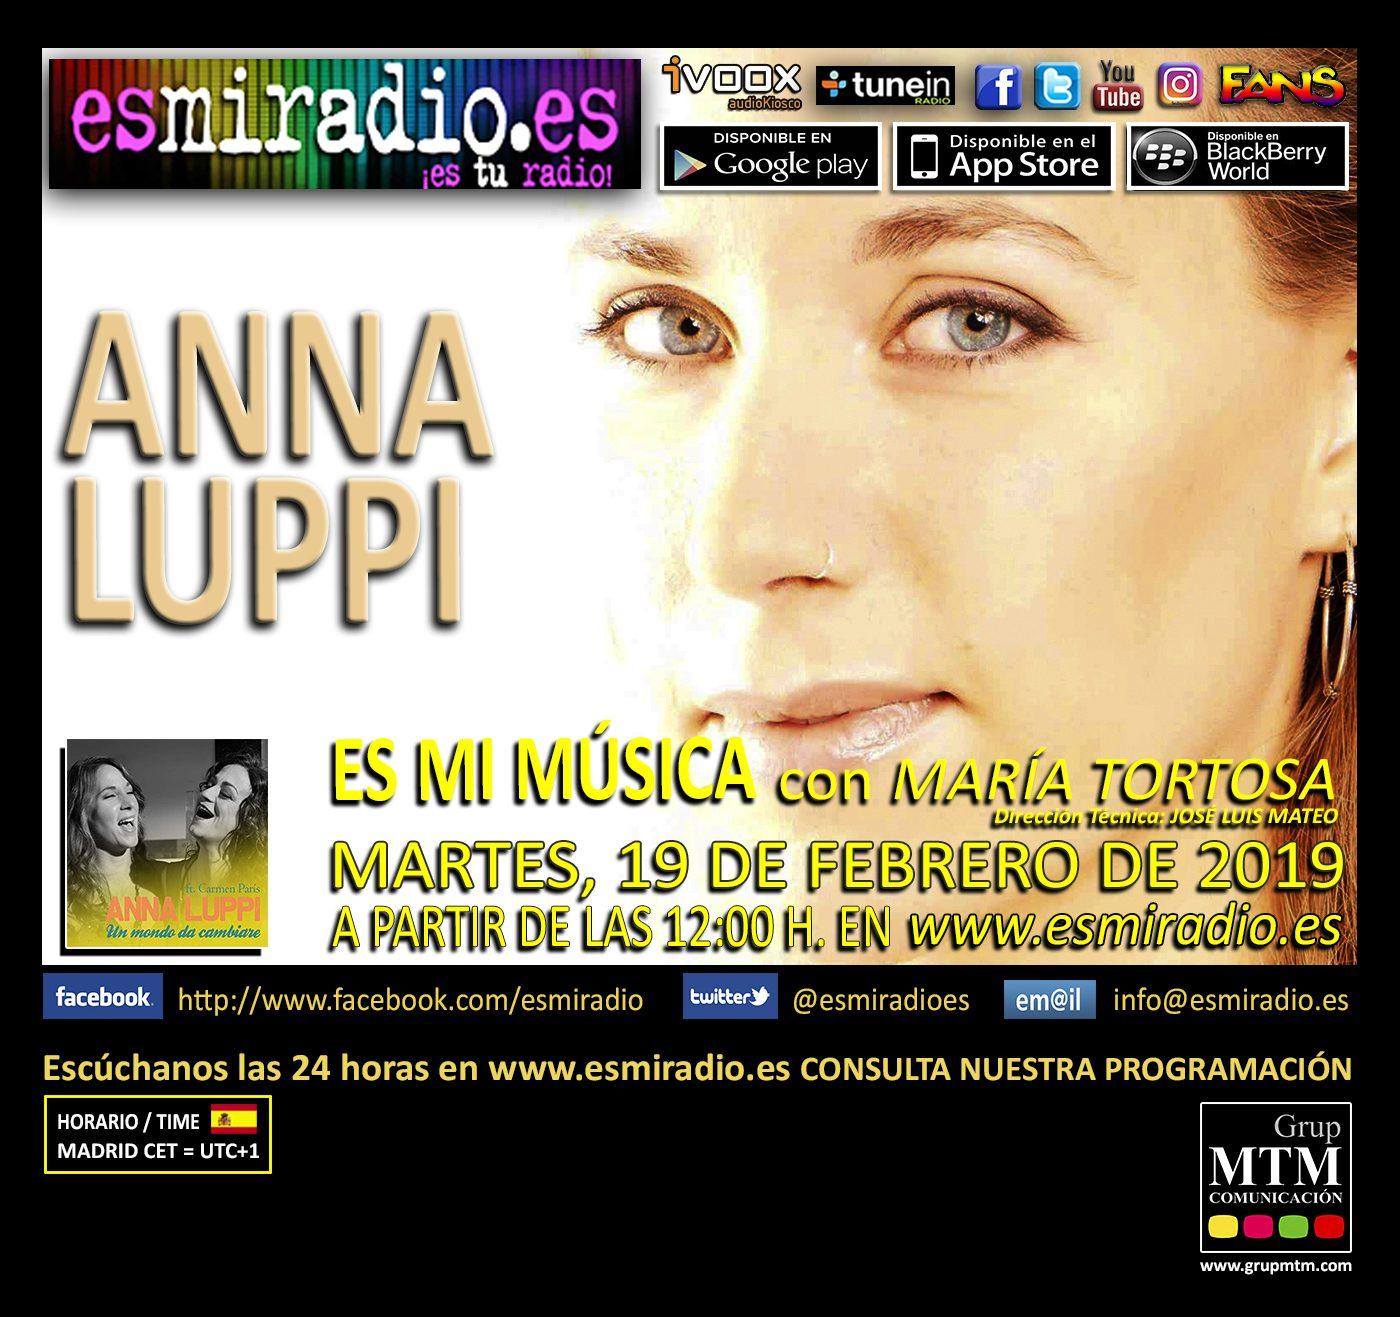 Anna Luppi en esmiradio.es el 19/02/19